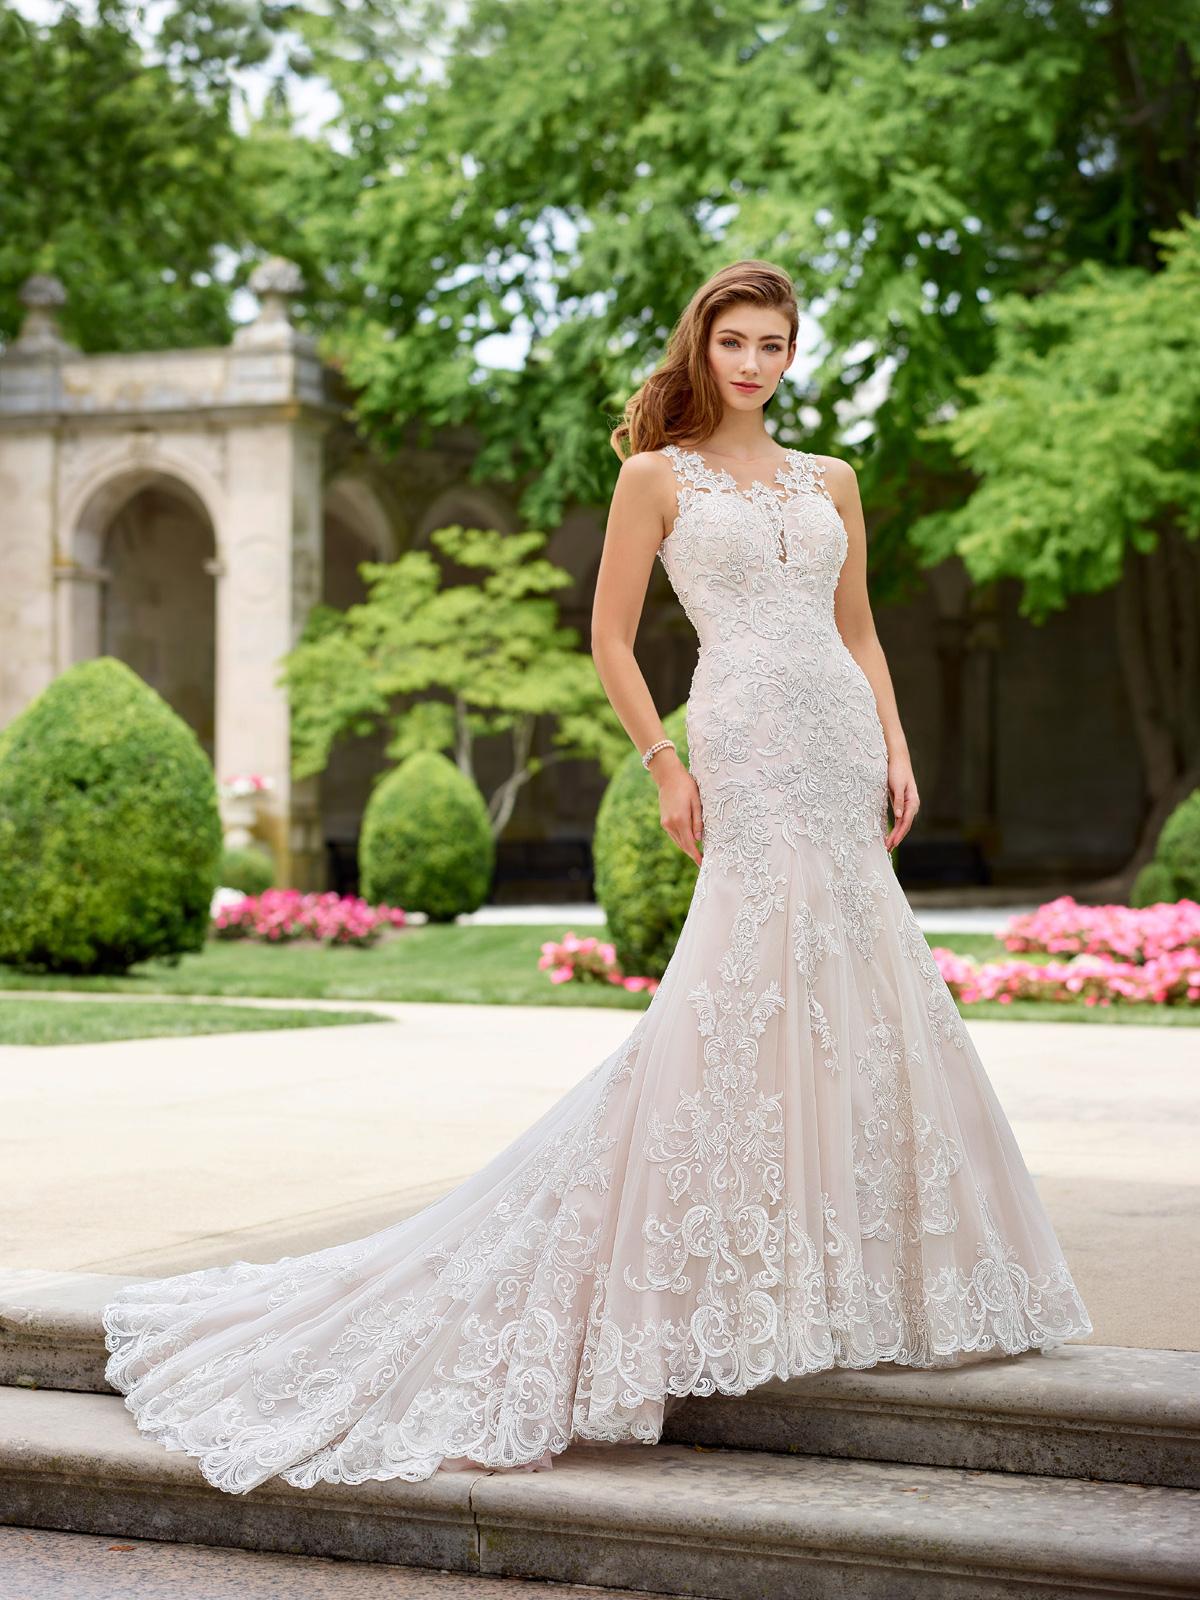 Vestido de Noiva elegante com corte sereia impecável, decote com transparência no colo e costas, todo confeccionado em renda e levemente rebordado em pedrarias, cauda suave.